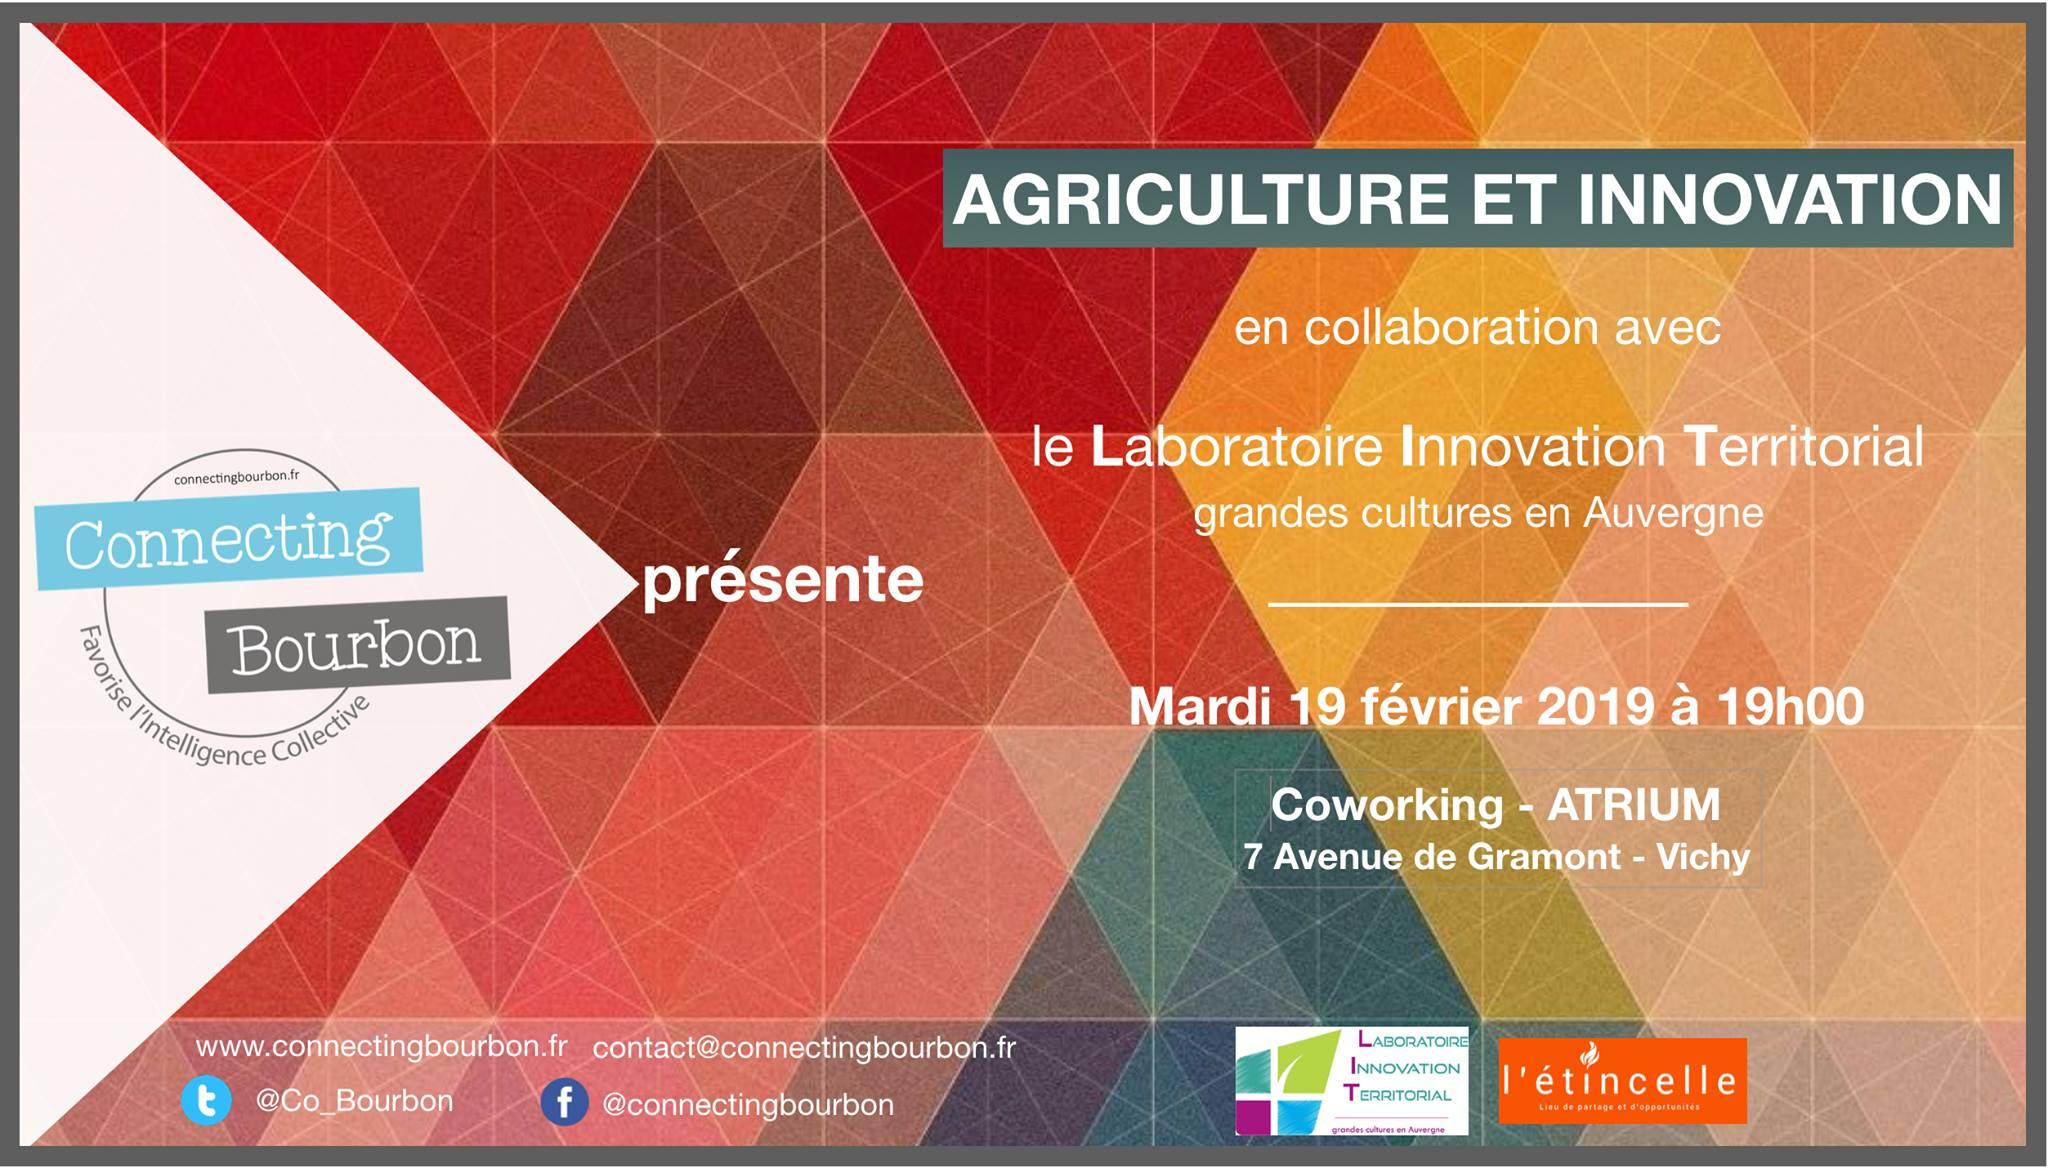 Agriculture et Innovation